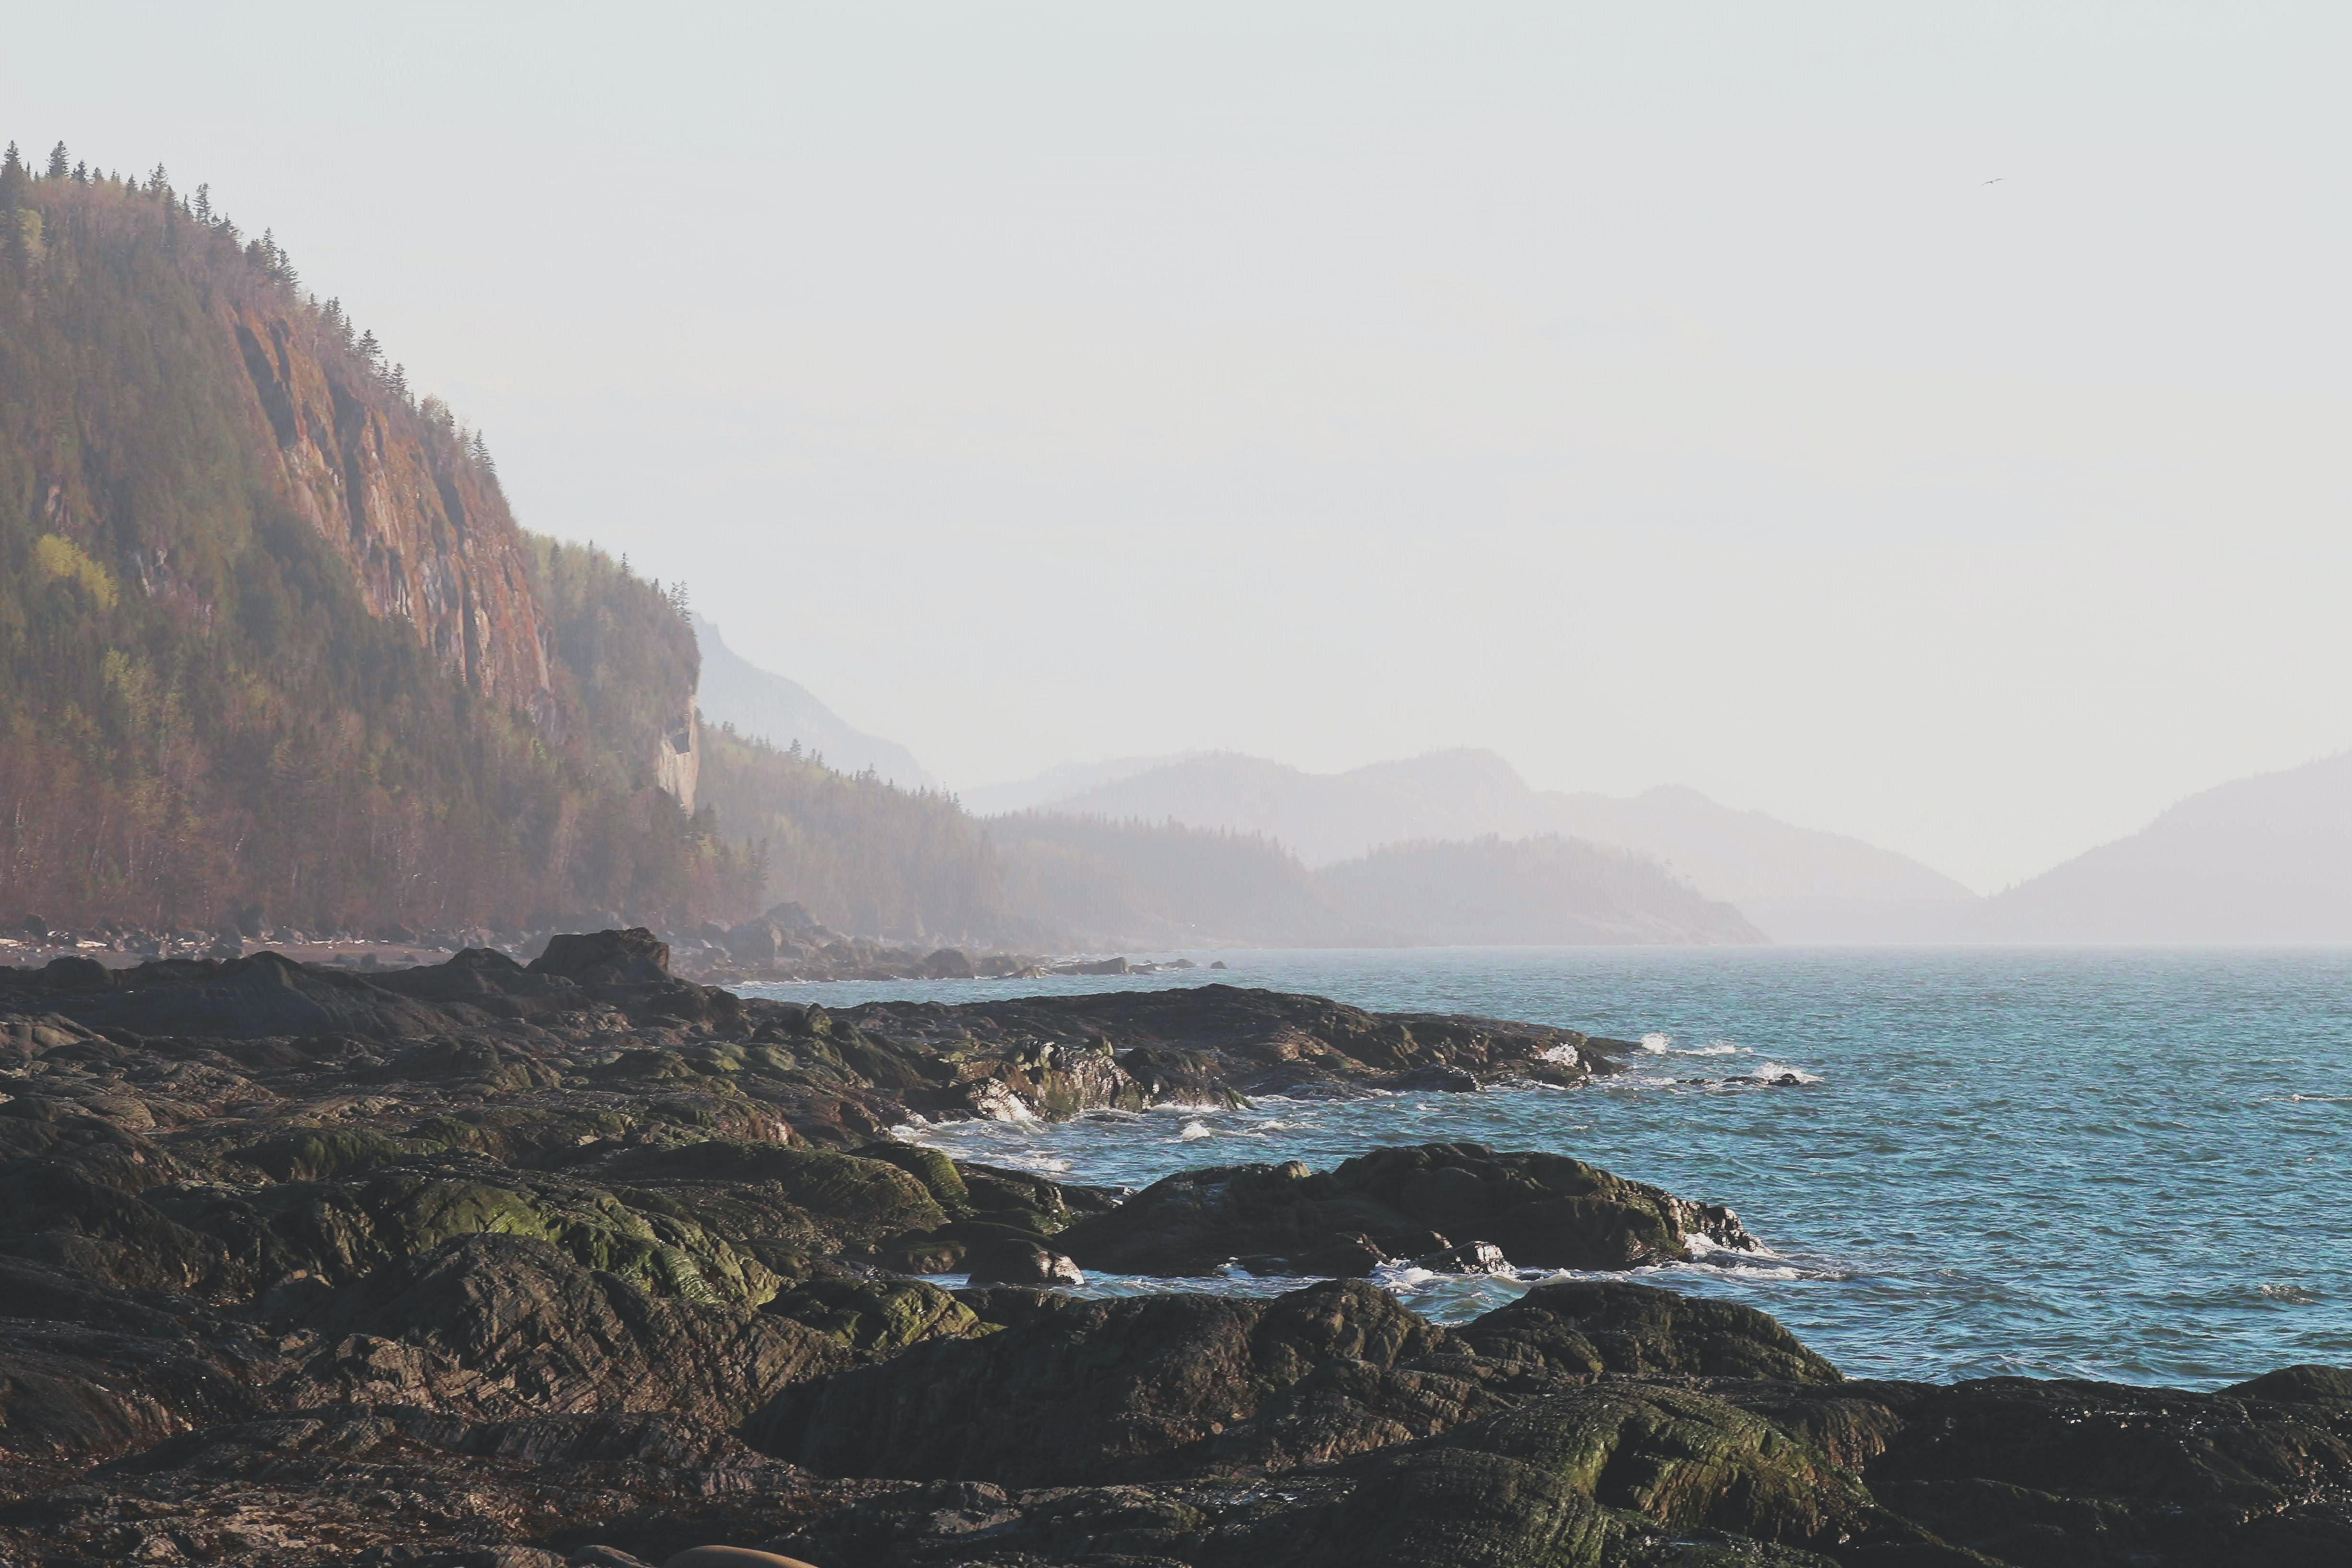 Montagne sur le bord de l'eau